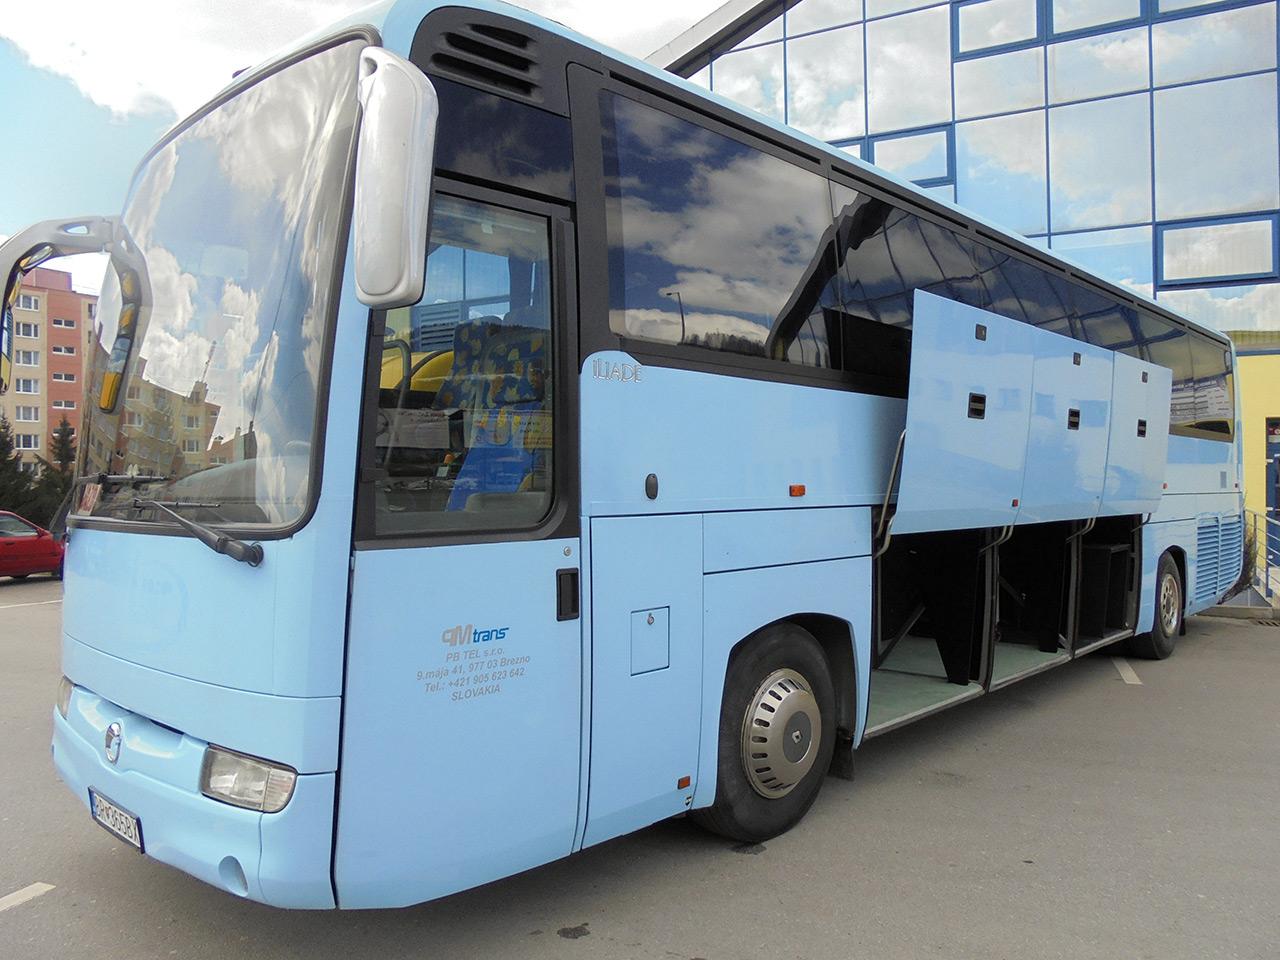 autobusova-doprava-2